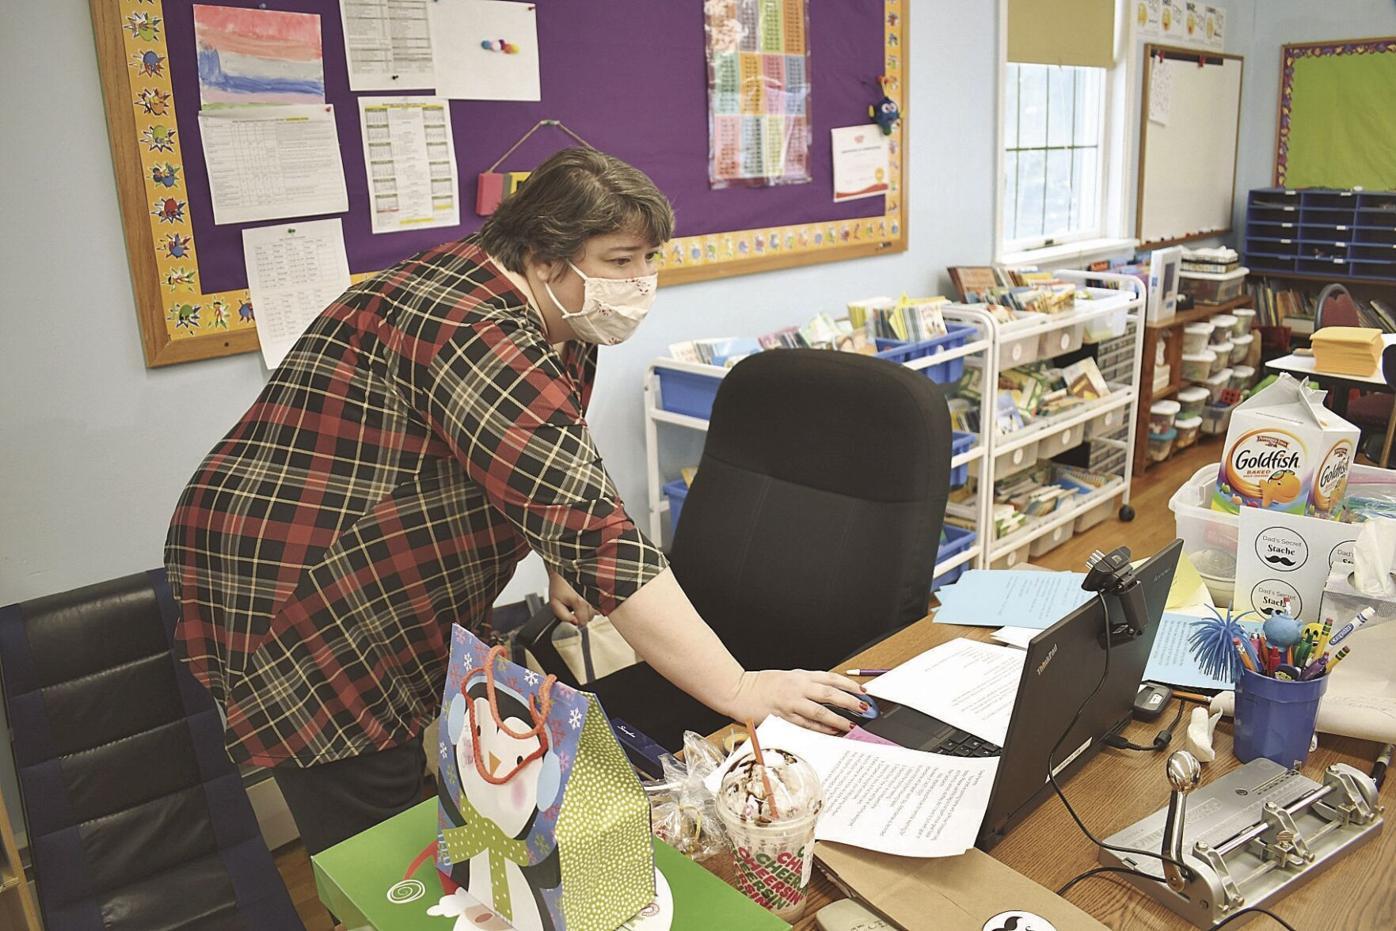 Teachers teaching during COVID